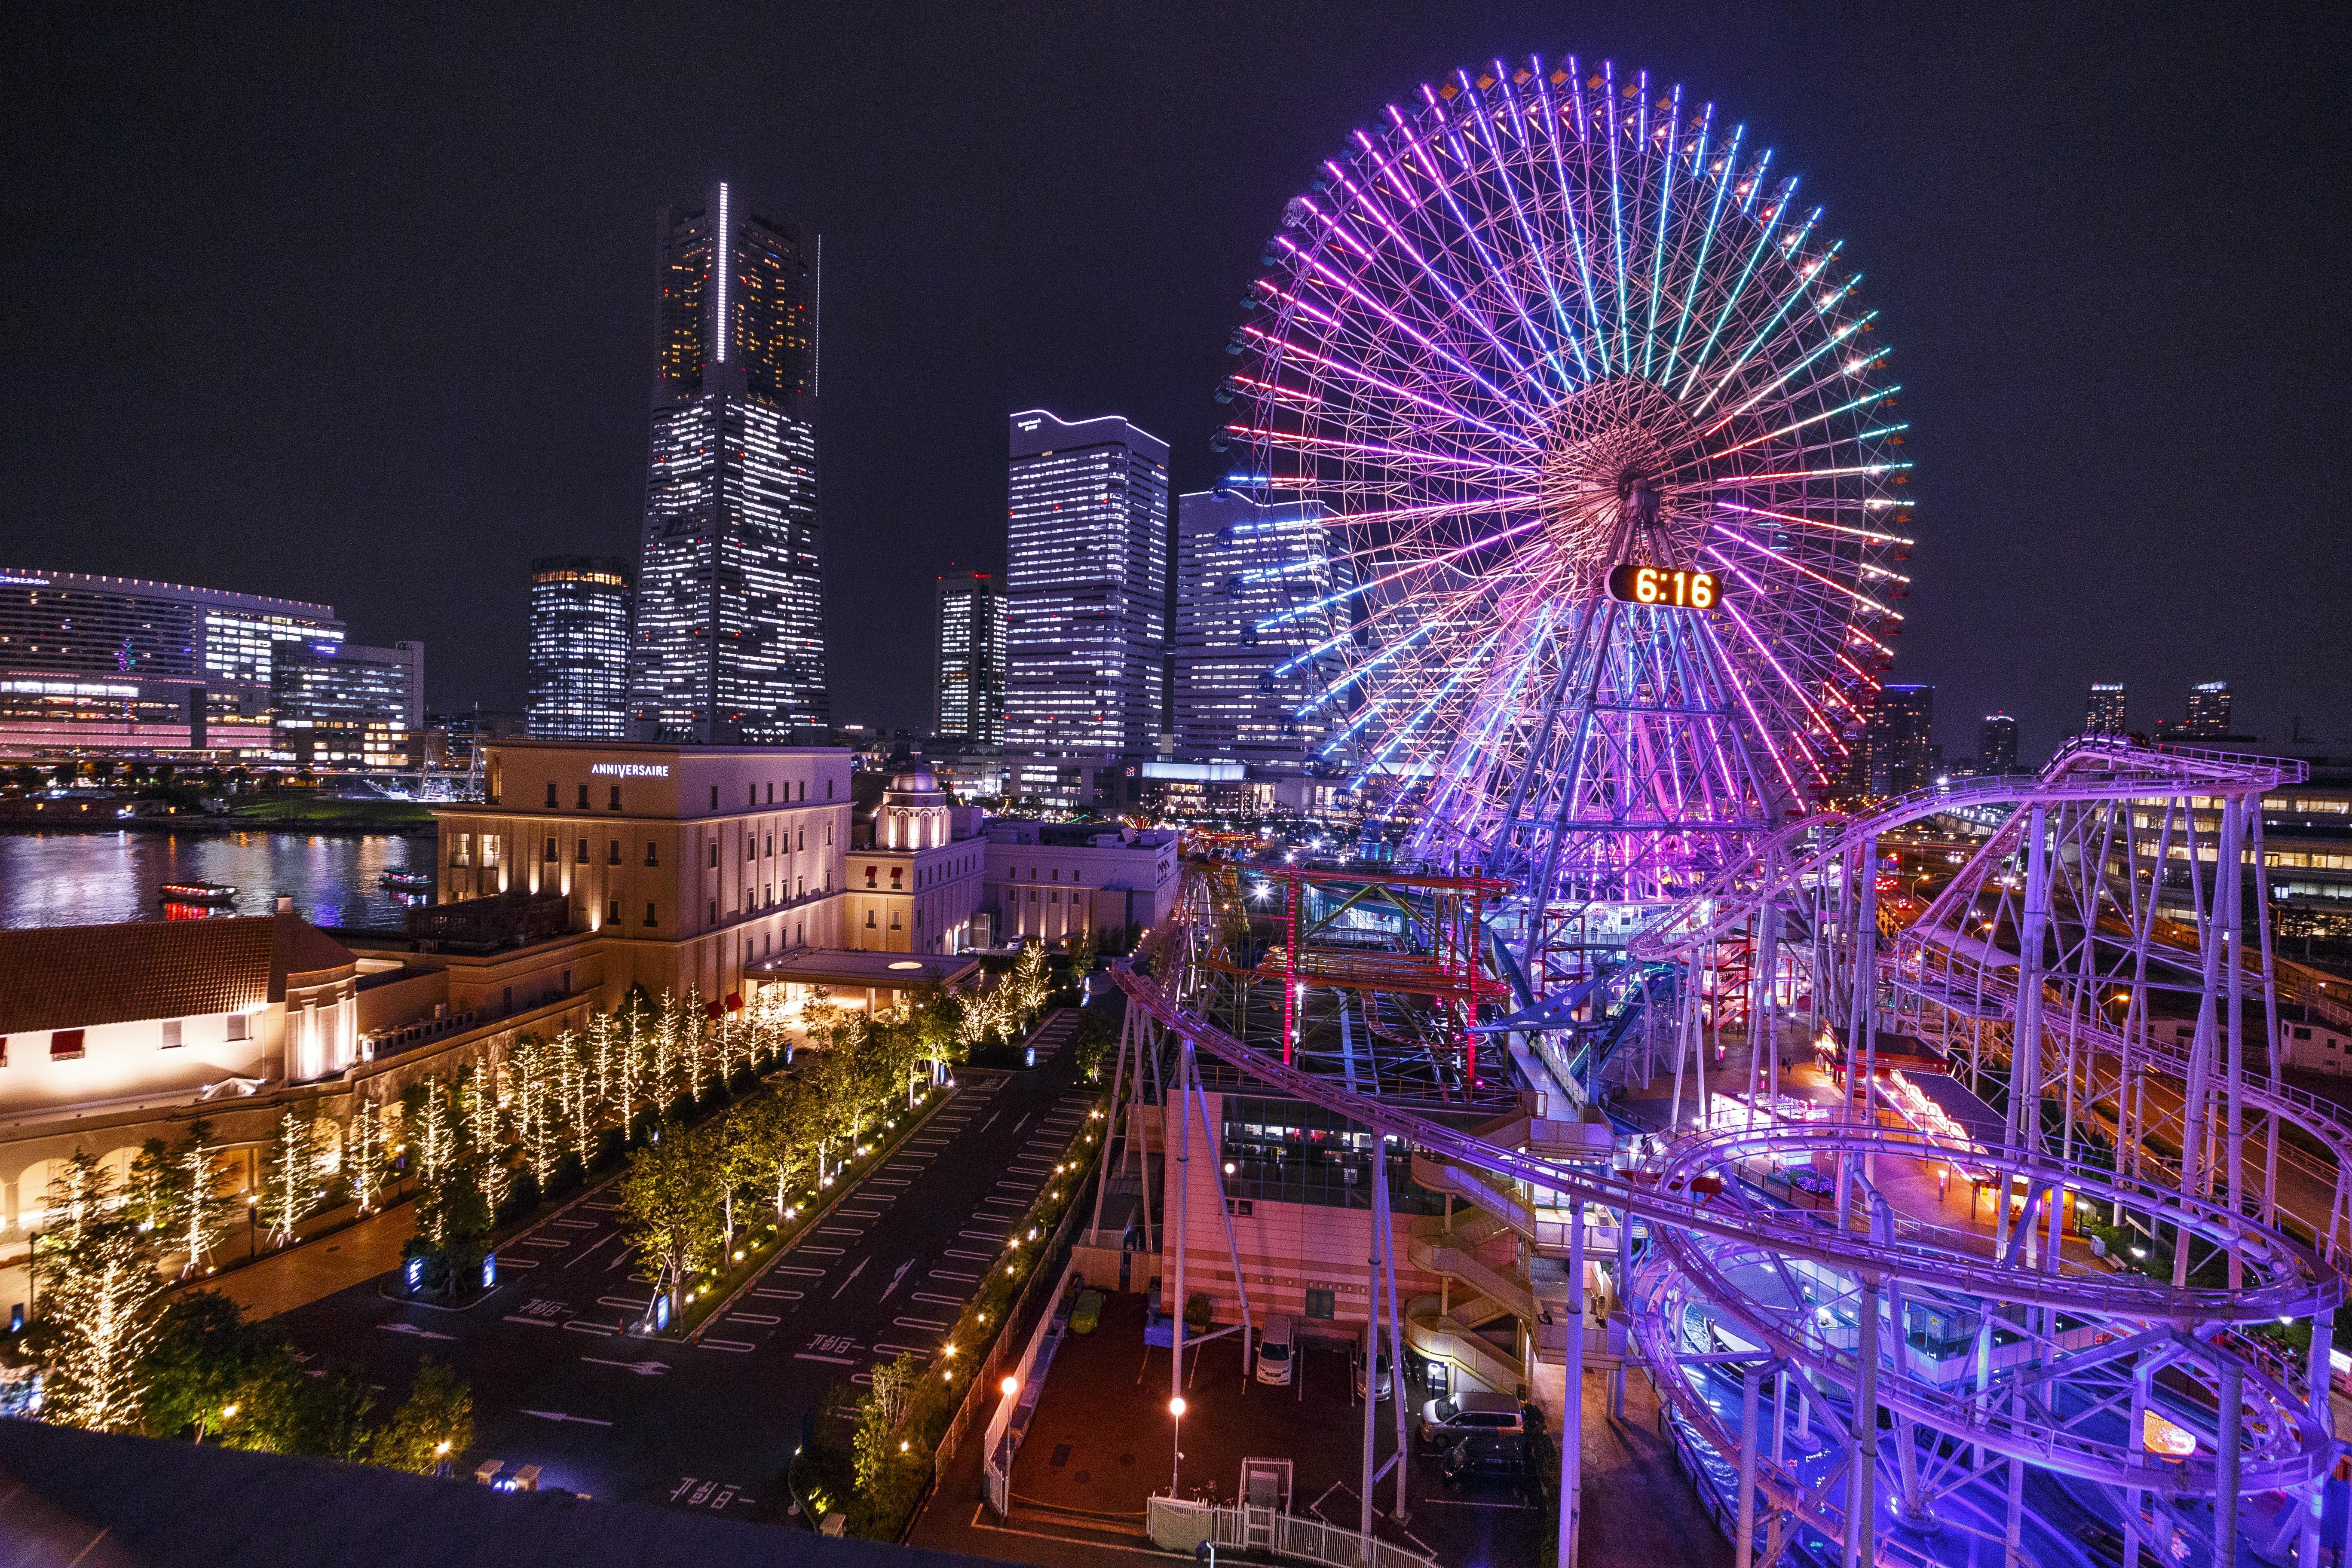 神奈川県内のおすすめドライブコースは?夜に行きたいコースも!